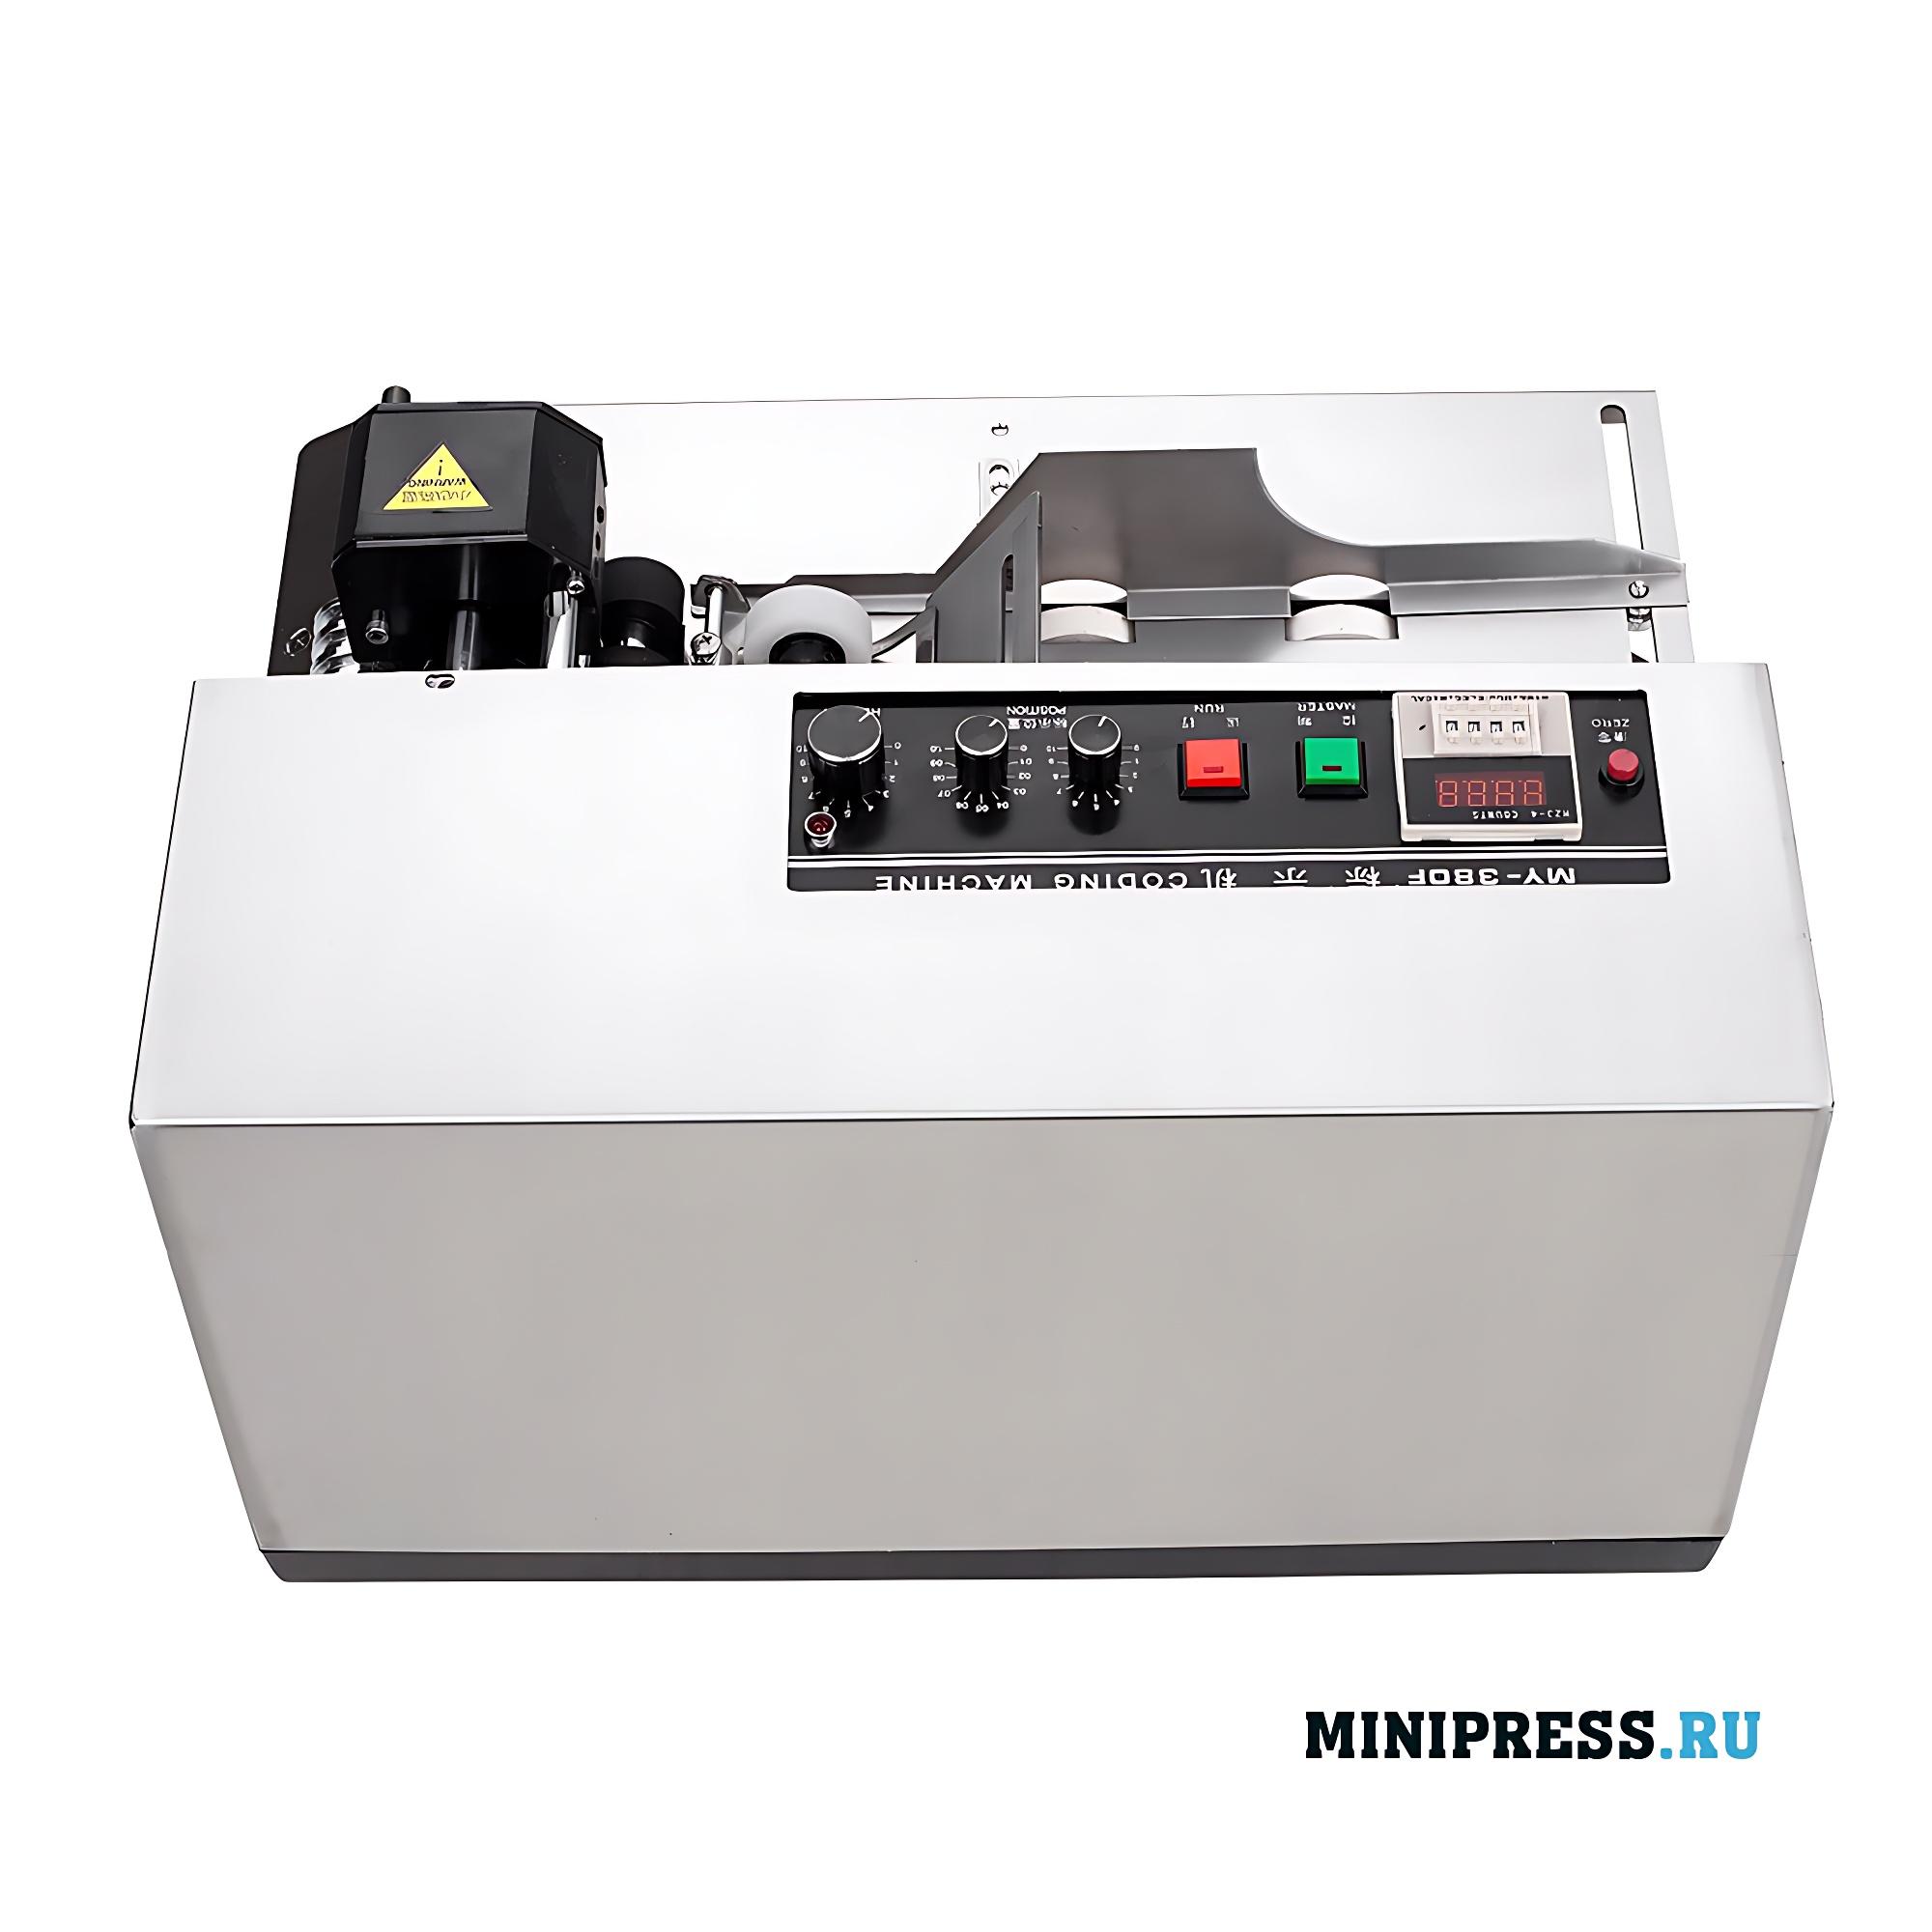 Оборудование для маркировки упаковки сроком годности и номером партии